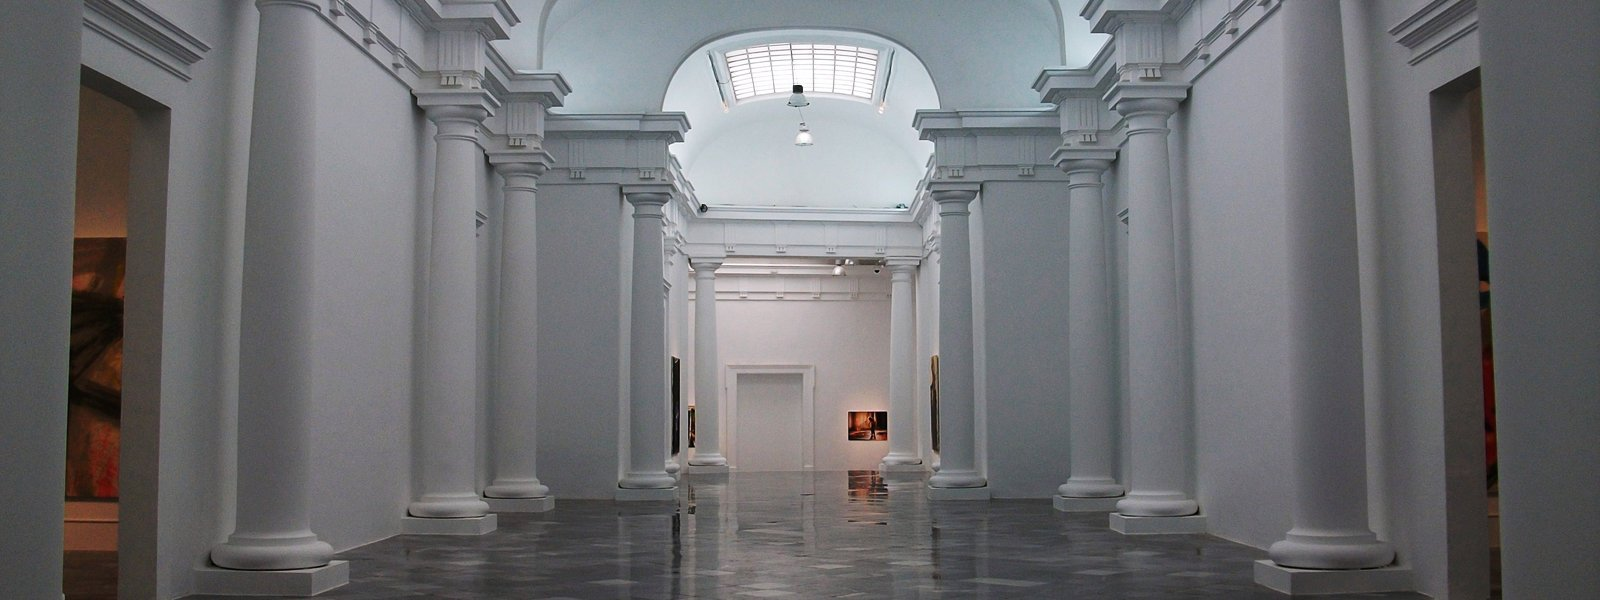 Centre del Carme, localització per a la representació d'espectacles